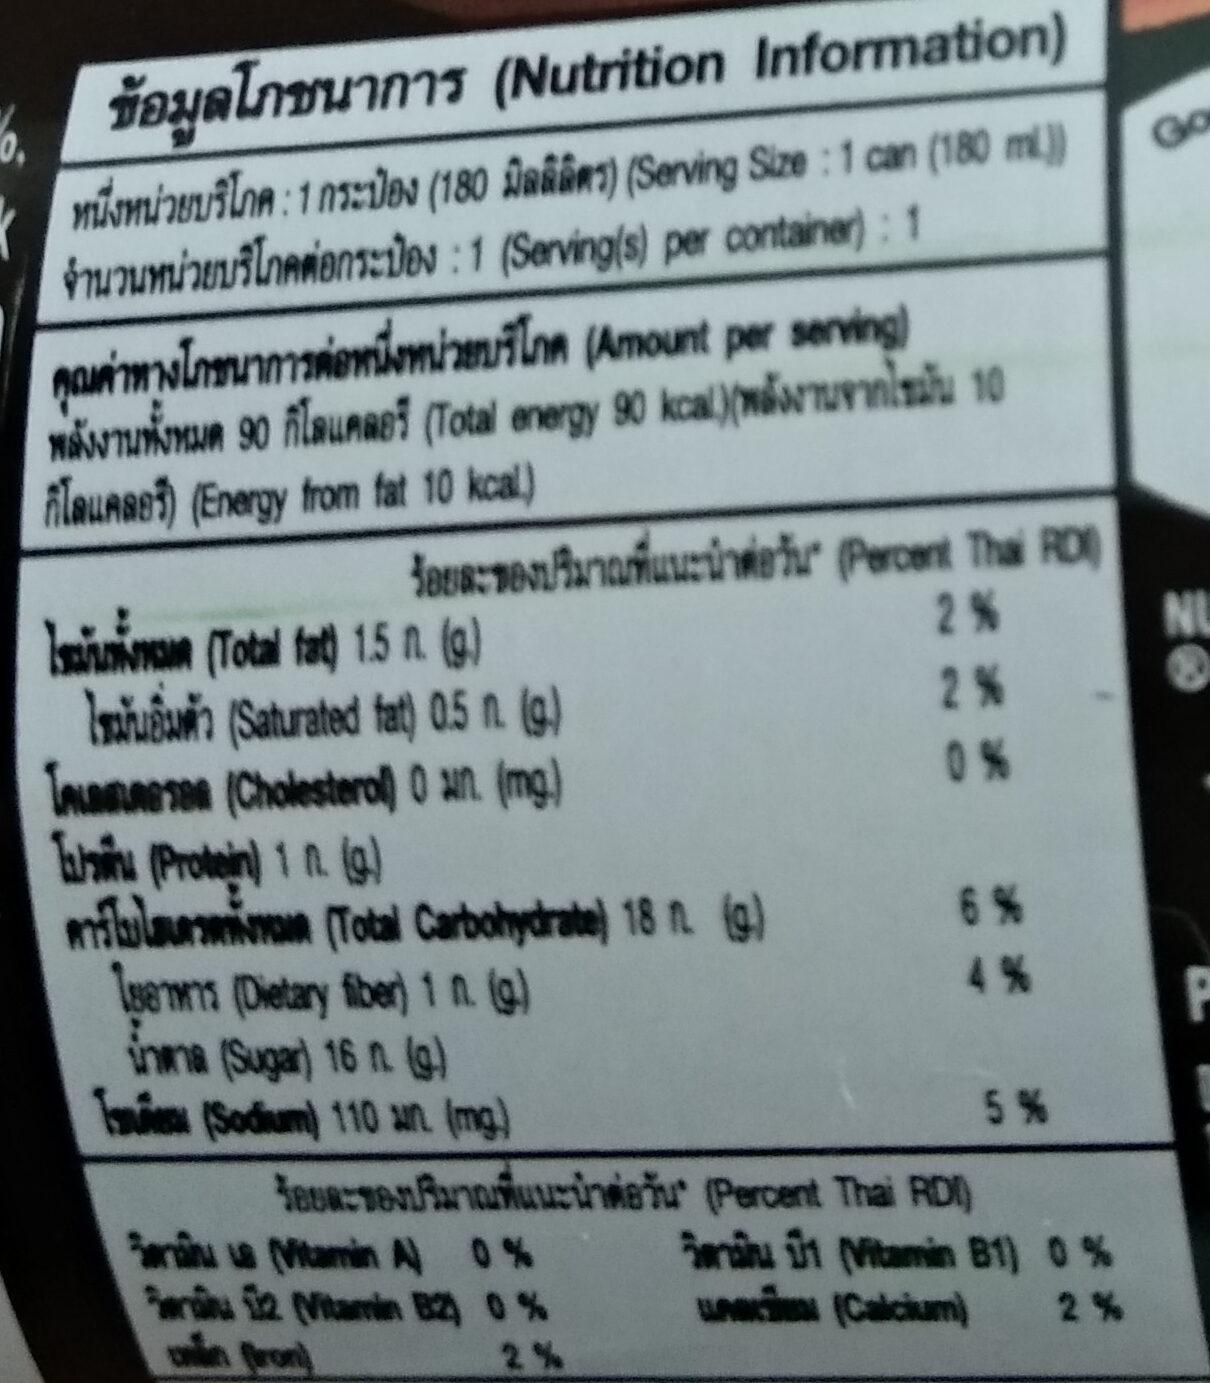 เนสกาแฟ ดาร์คโรส - Nutrition facts